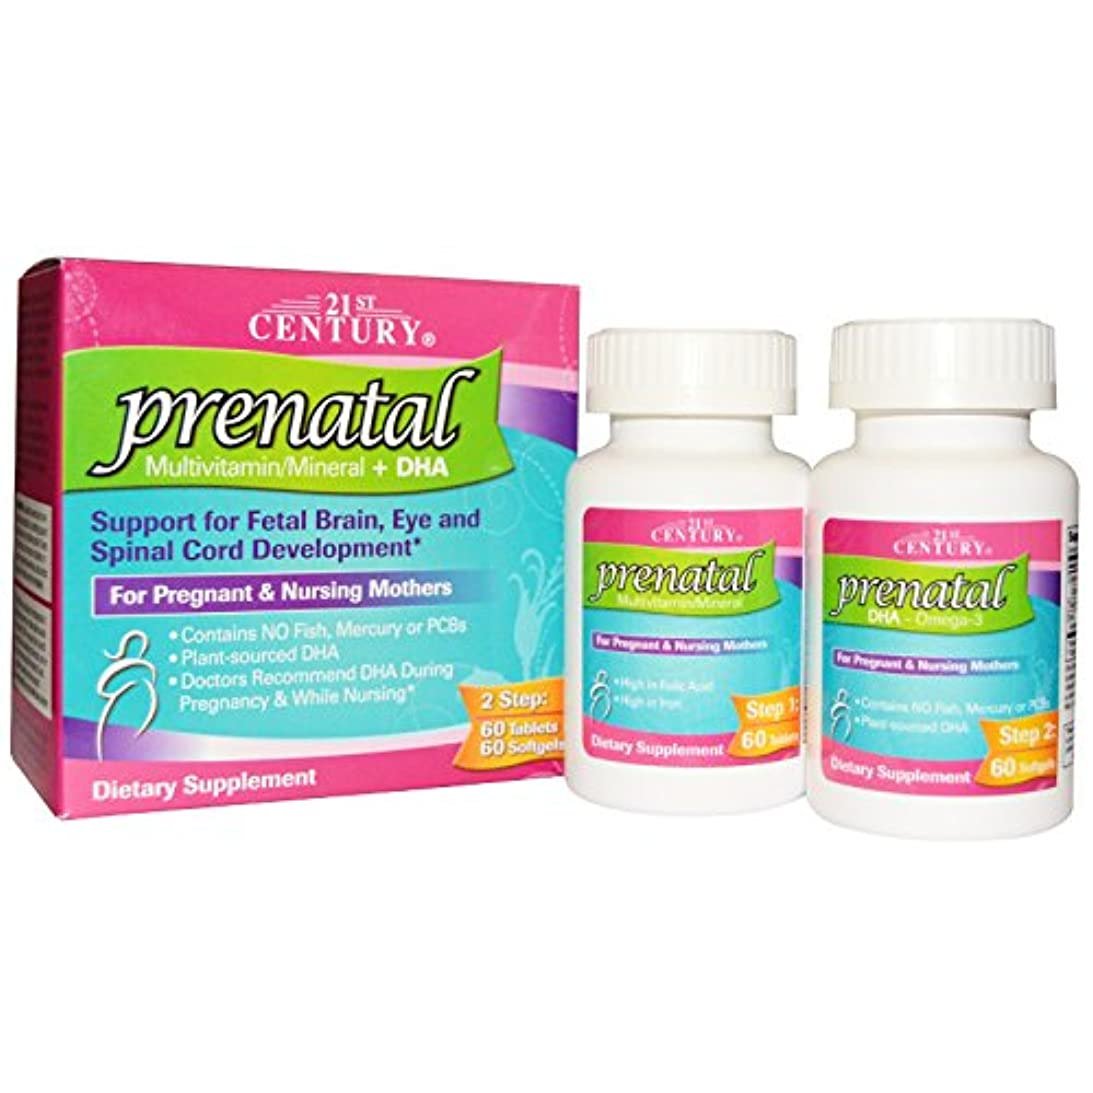 硫黄阻害する大きなスケールで見ると妊婦用 DHA、錠剤およびソフトジェル、120カウントの出生前のビタミン   Prenatal with DHA, Tablets and Softgels, 120-Count